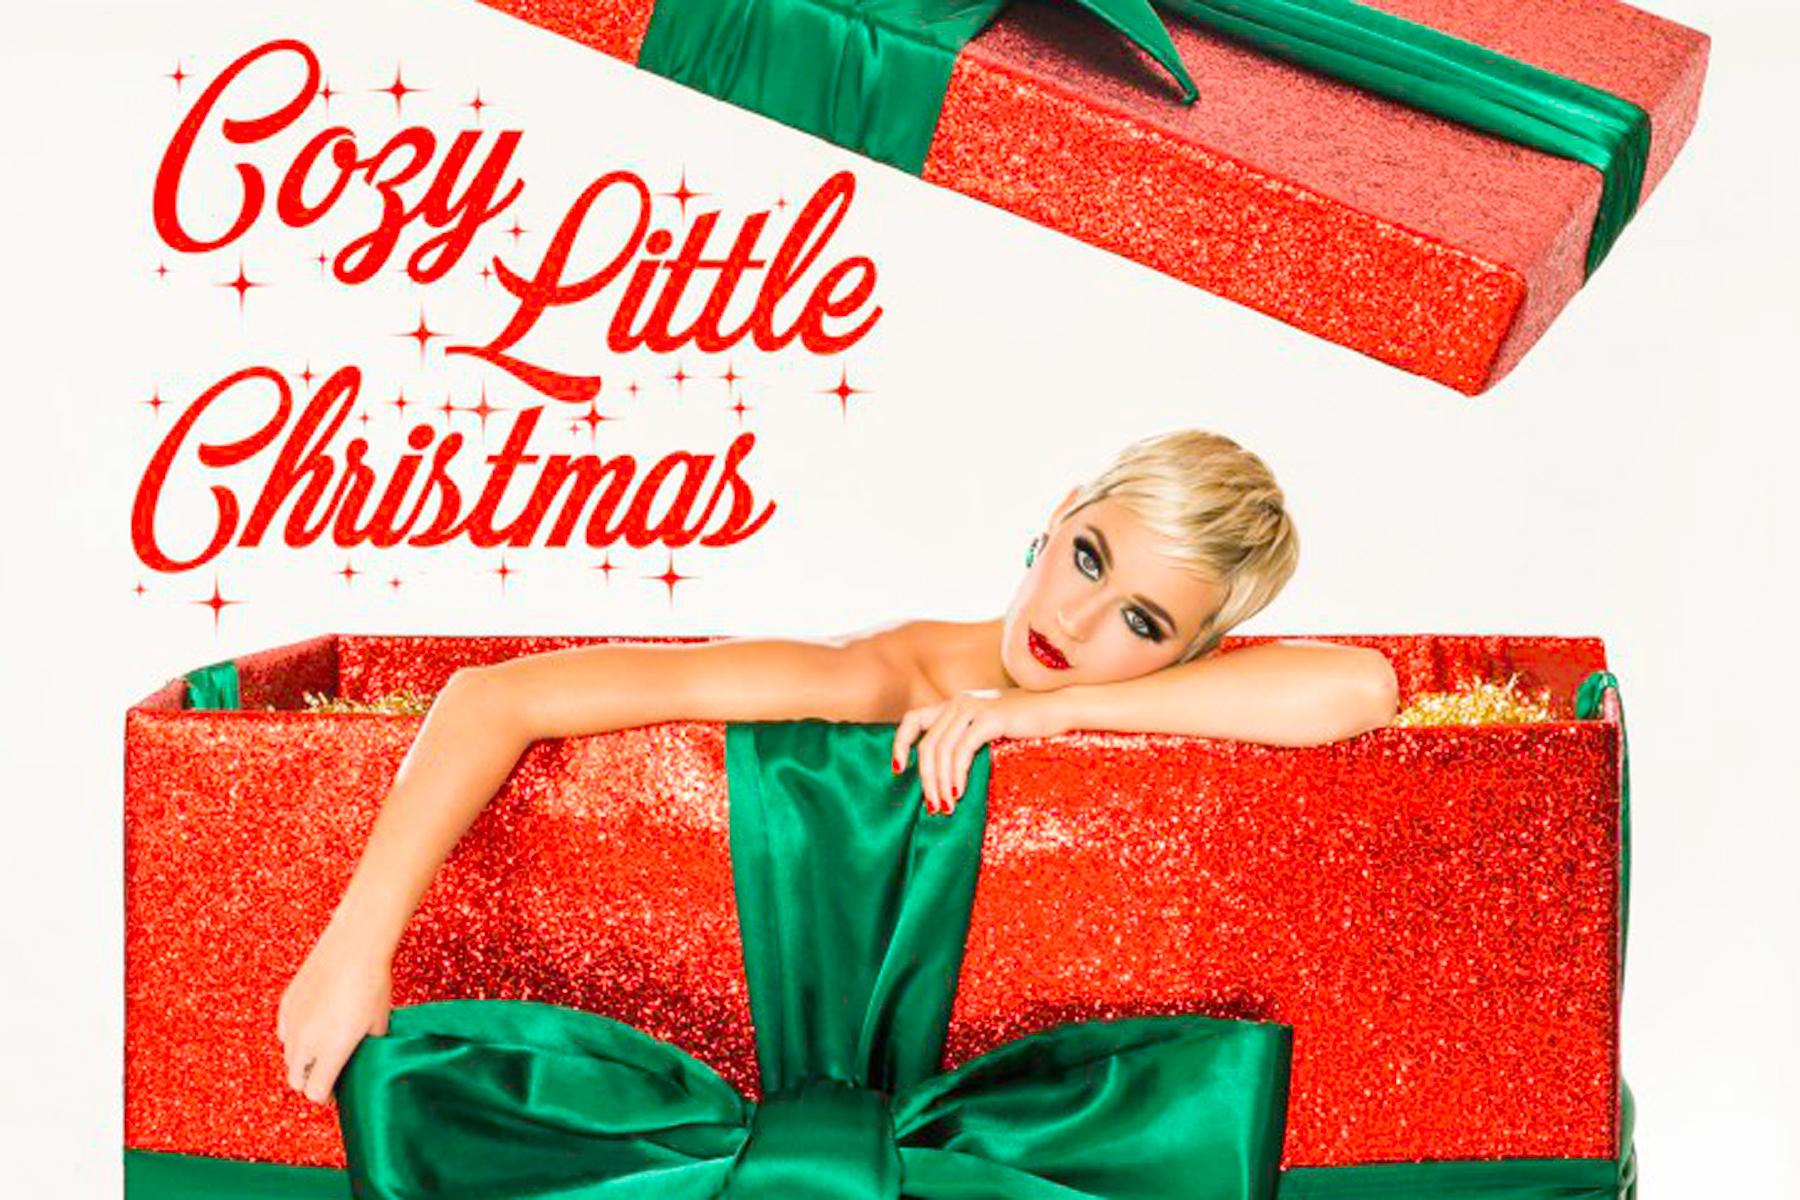 Resultado de imagen de katy perry cozy little christmas